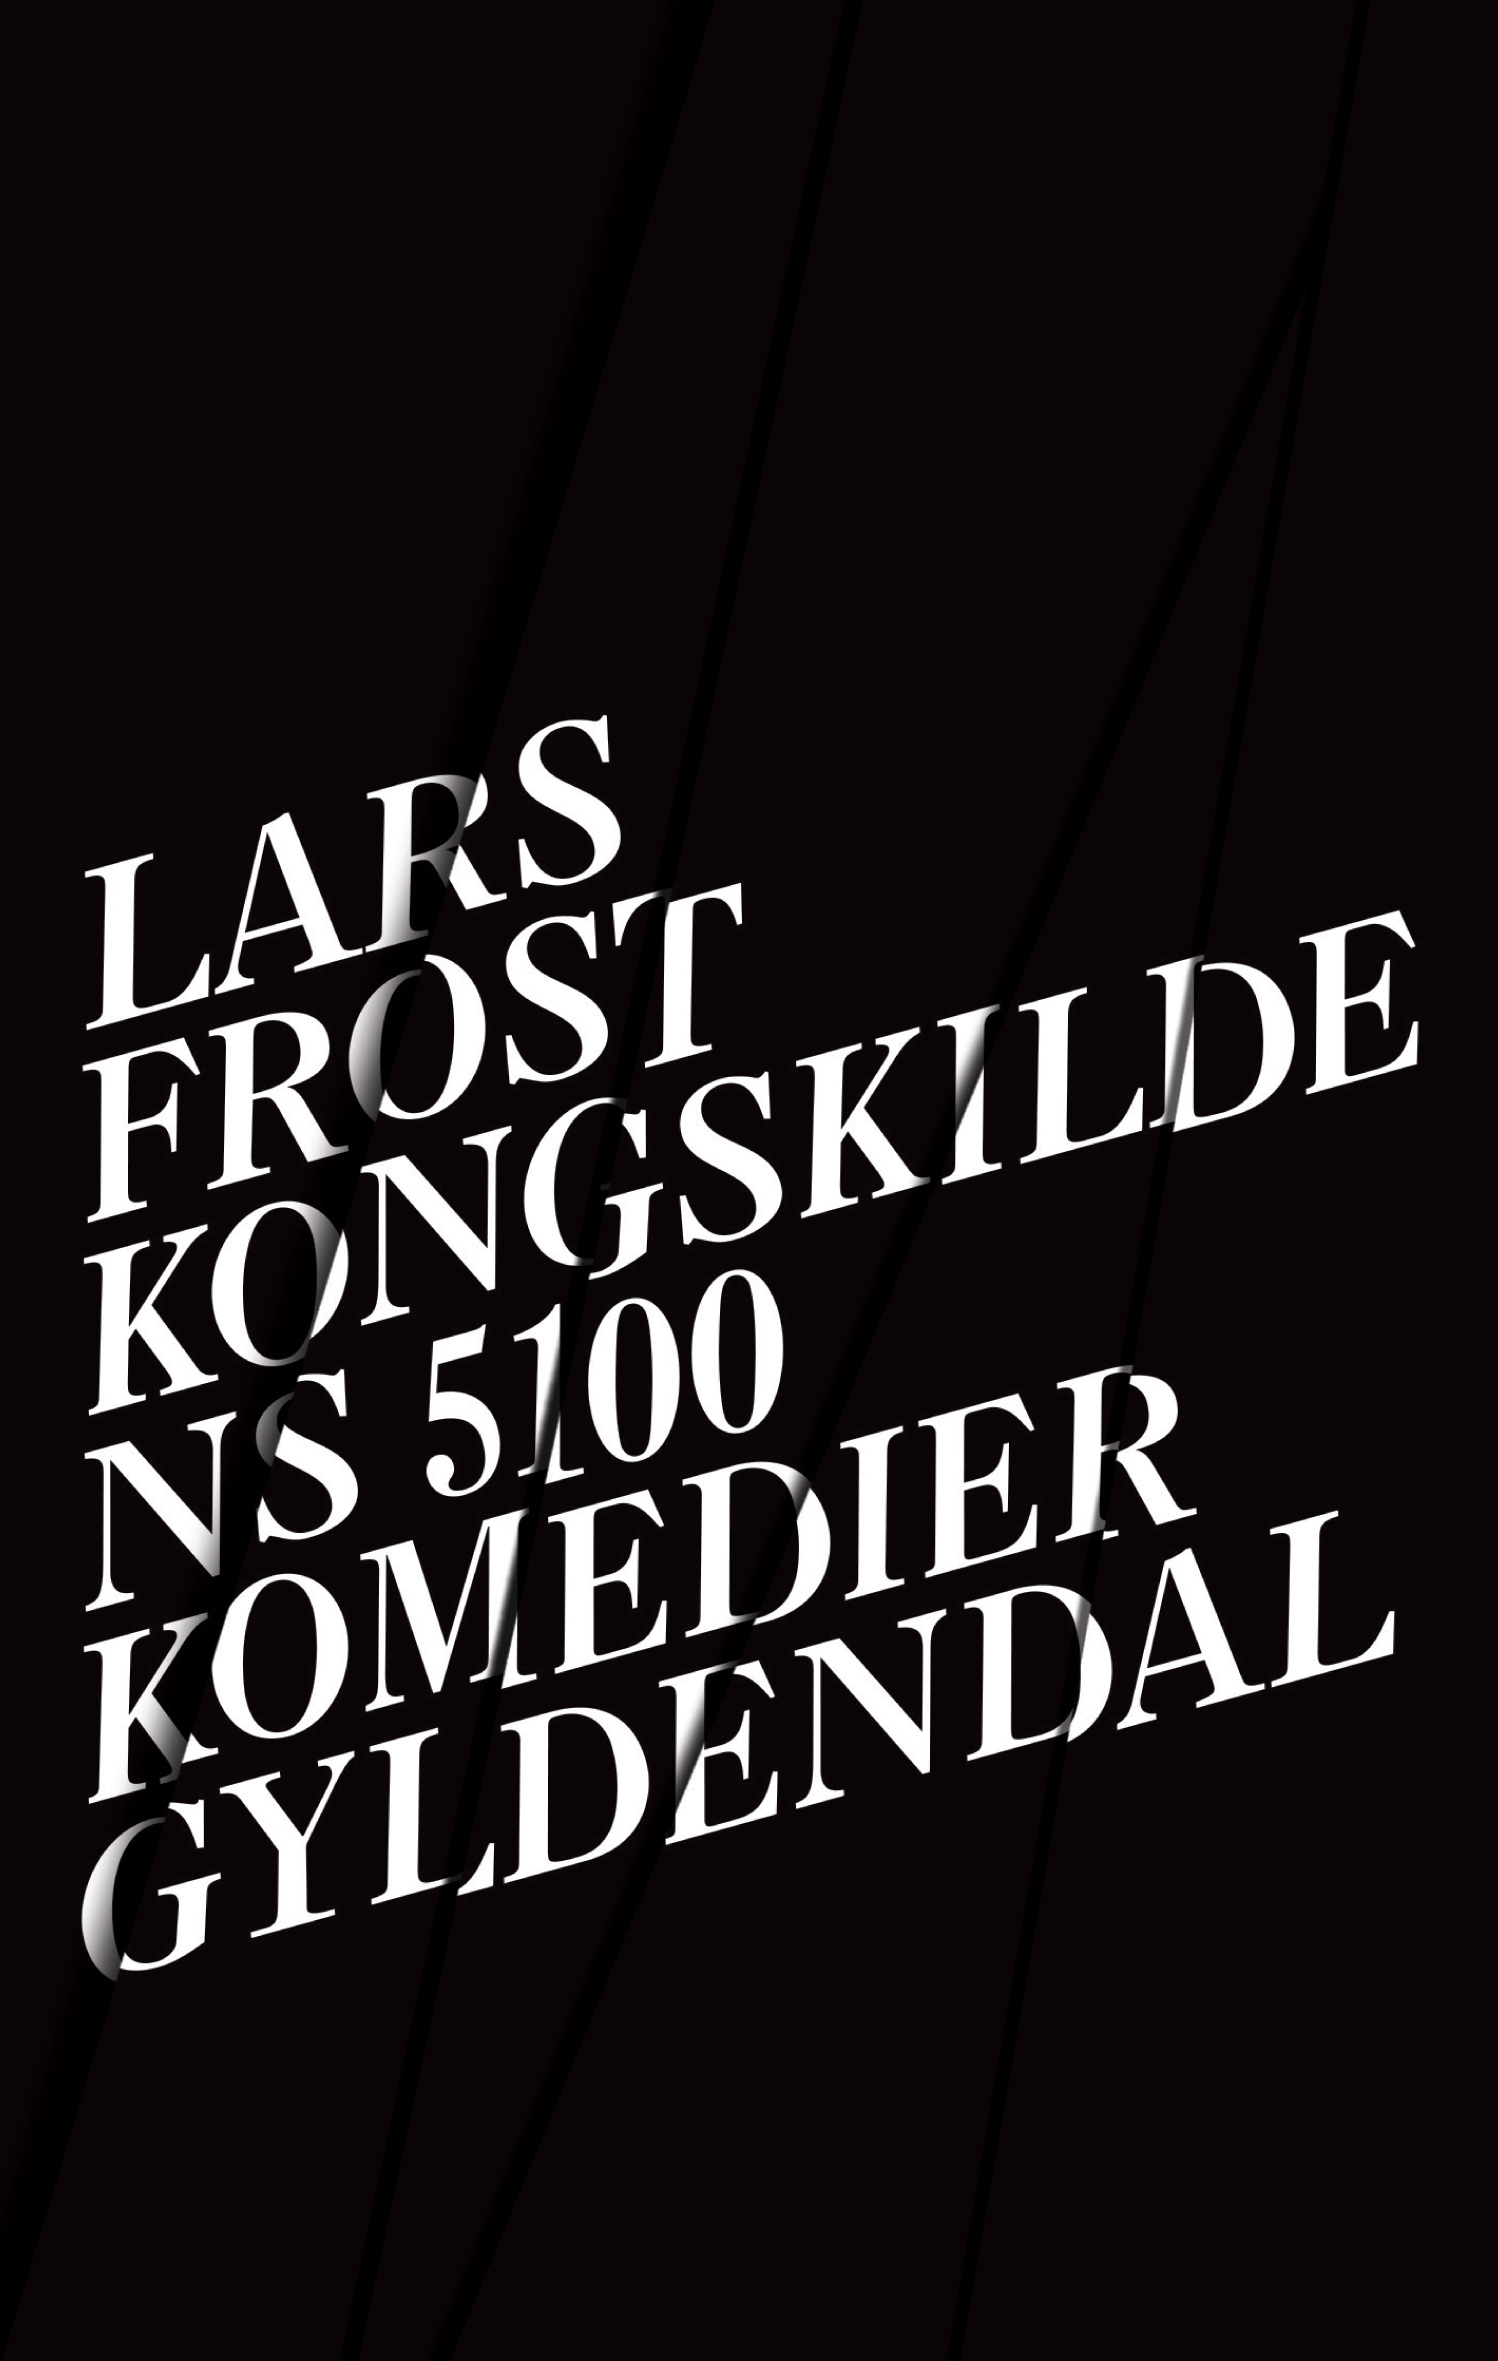 Kongskilde NS 5100. Kilde: Gyldendal